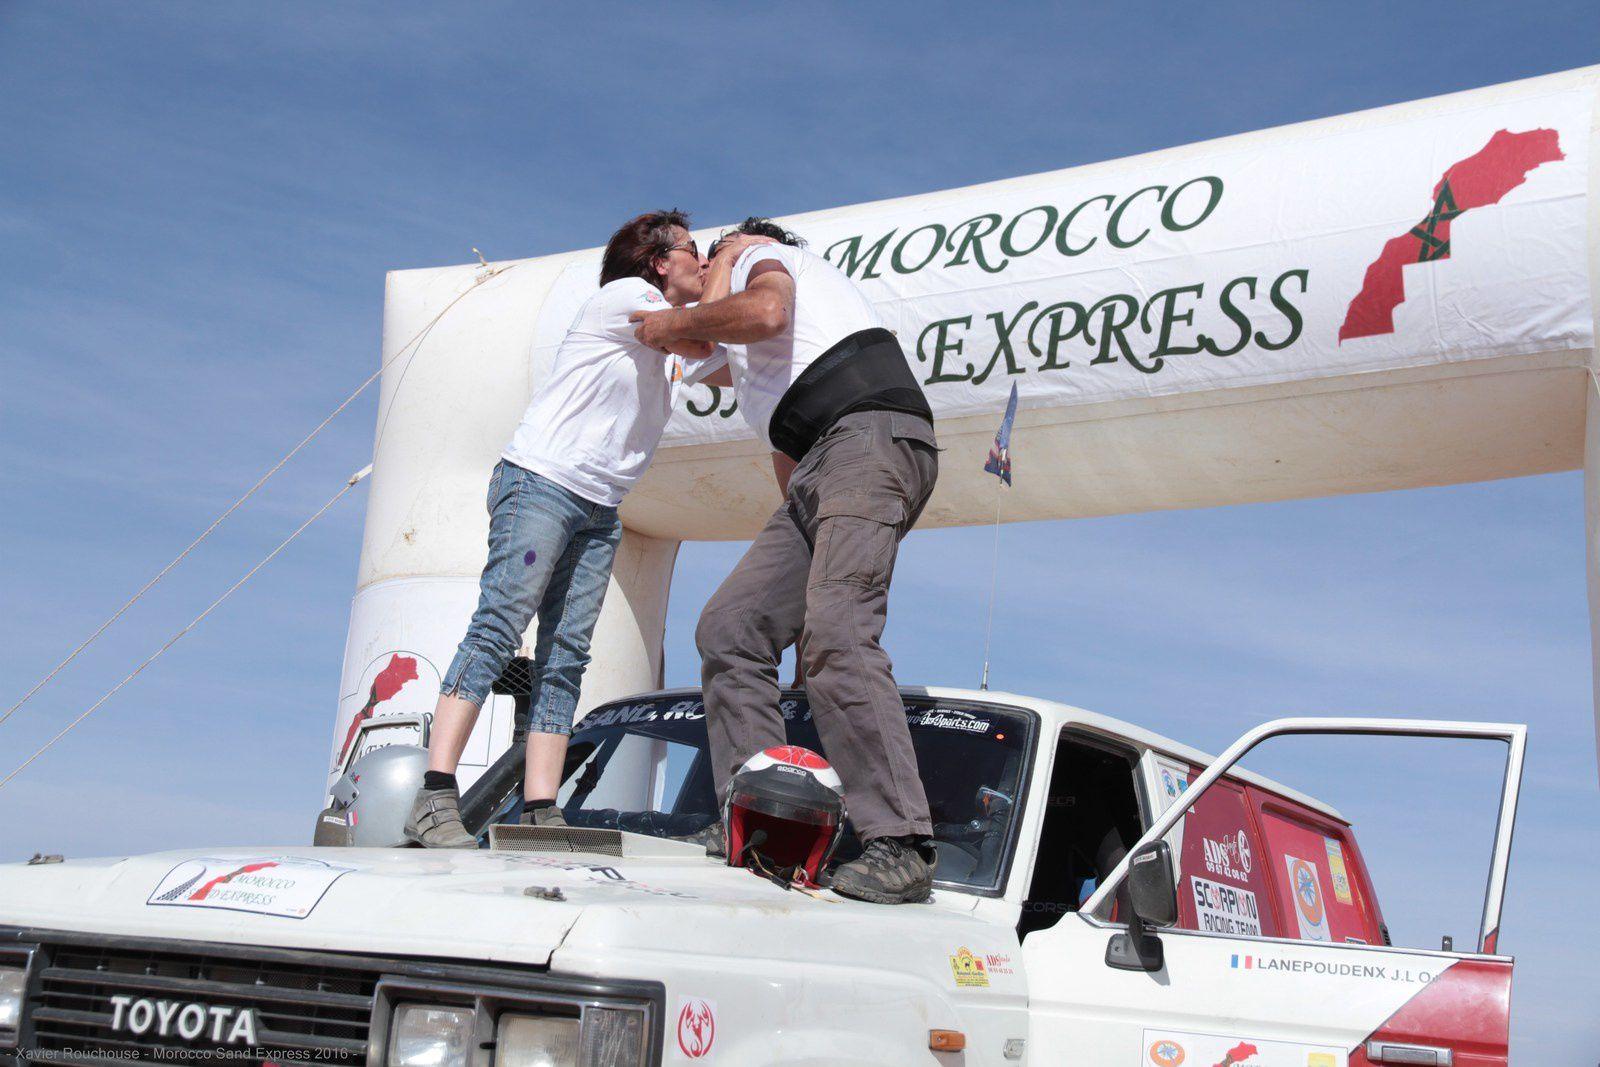 Le finish de la 4è édition du Morocco Sand Express 2016